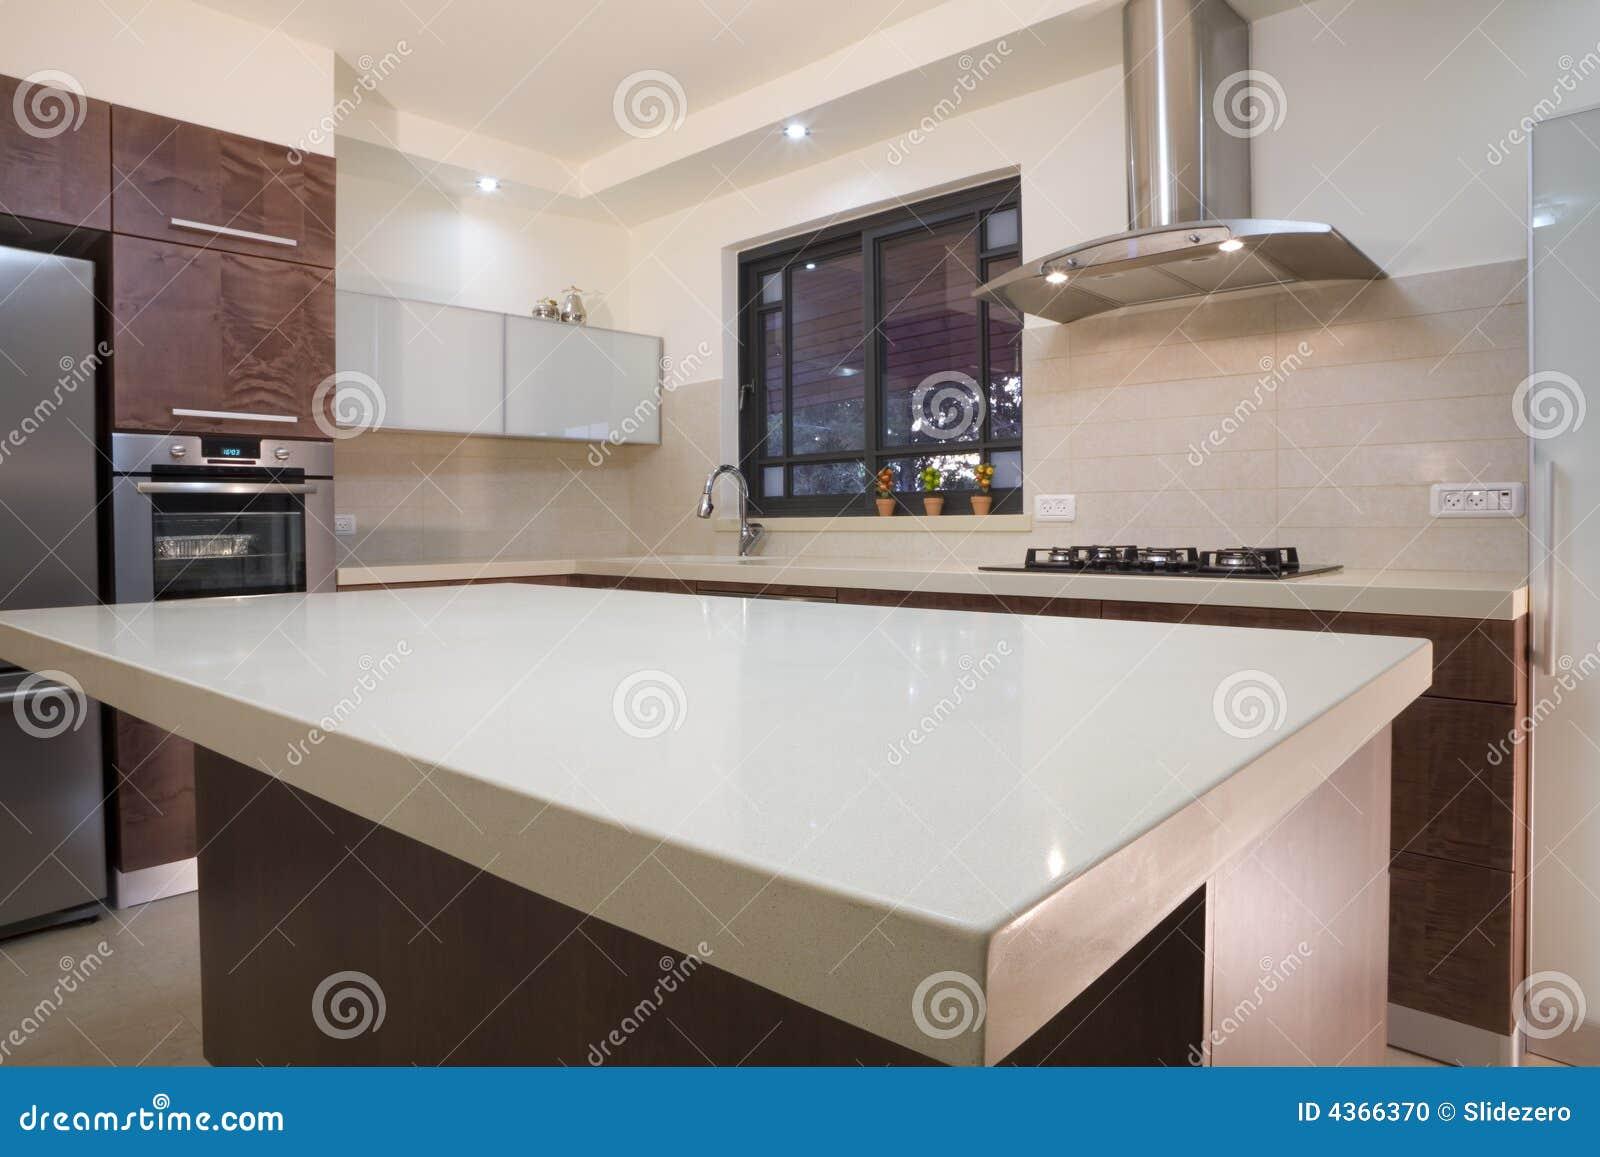 Disegno Di Lusso Della Cucina Fotografia Stock - Immagine di ...